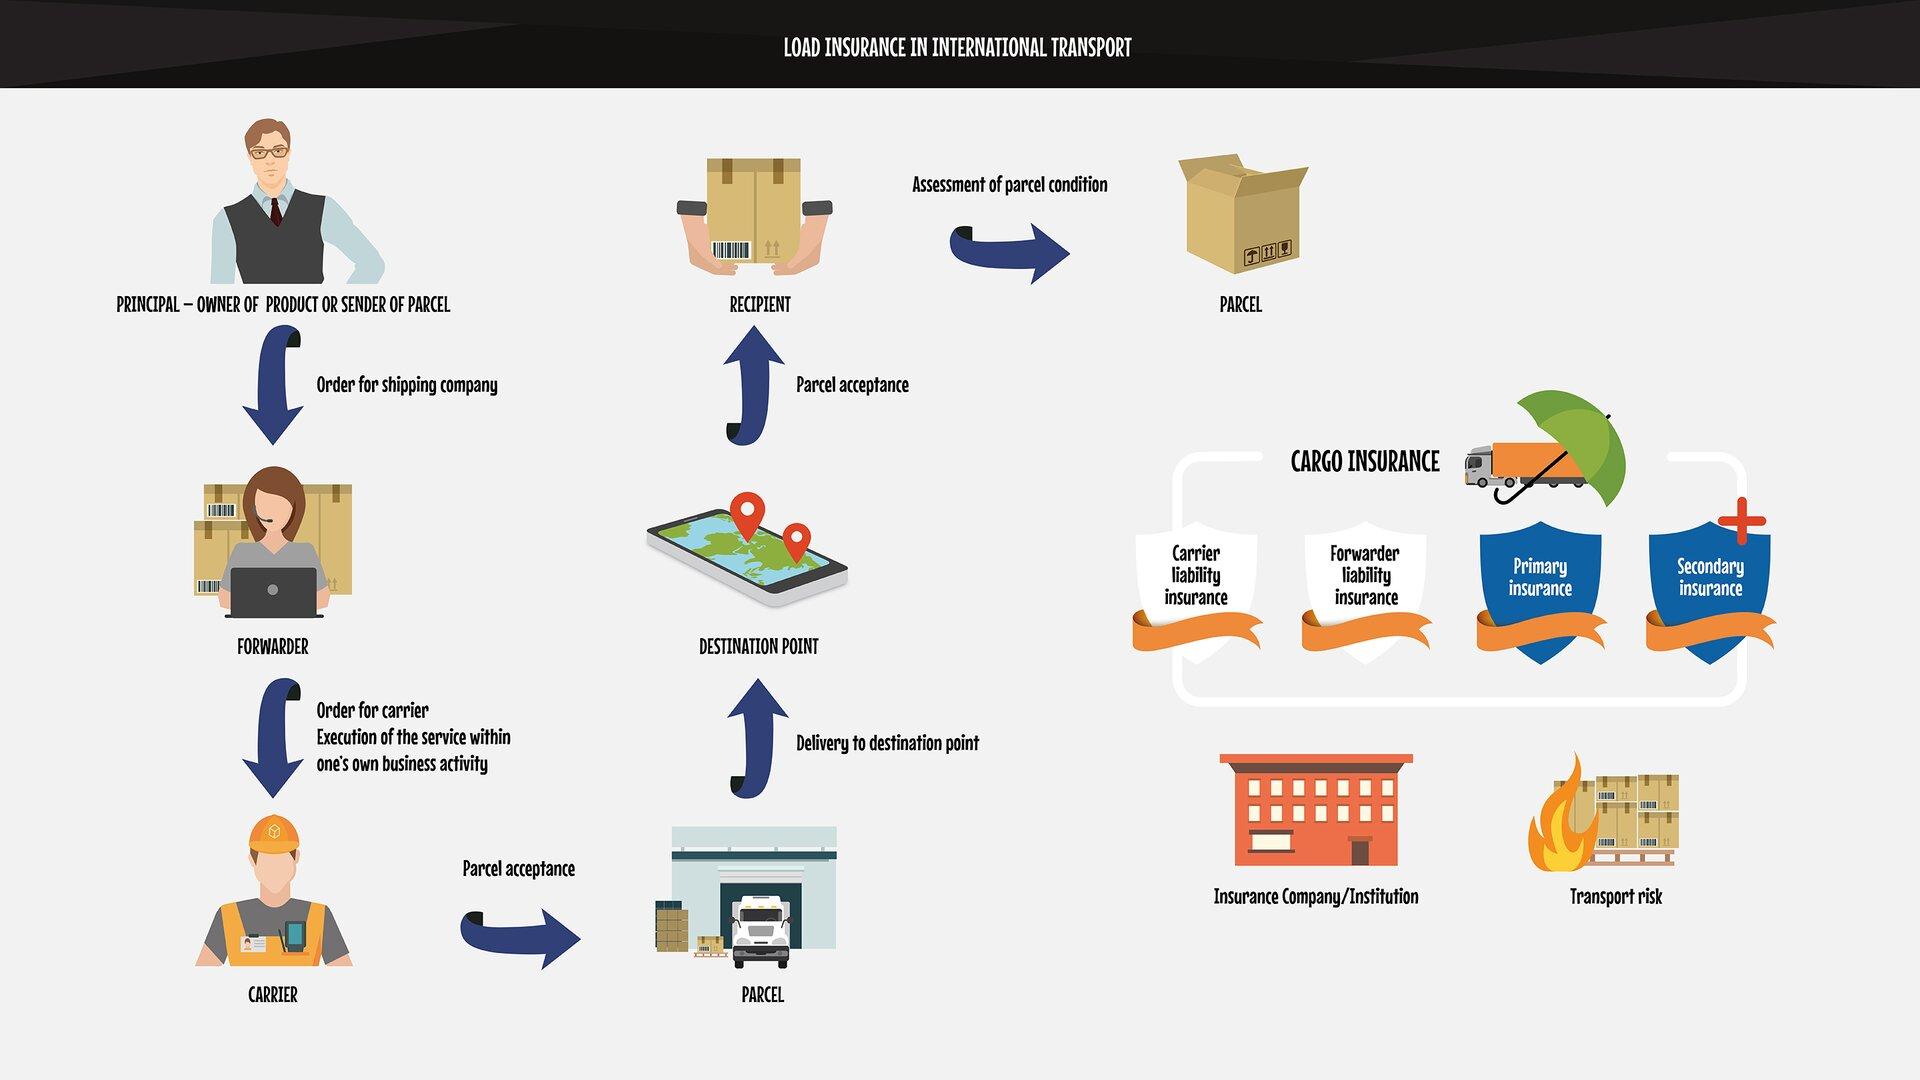 The graphics present an exemplary diagram of the shipping process with different types of insurances taken into account.Grafika przedstawia przykładowy schemat procesu spedycyjnego zuwzględnieniem różnych typów ubezpieczeń.